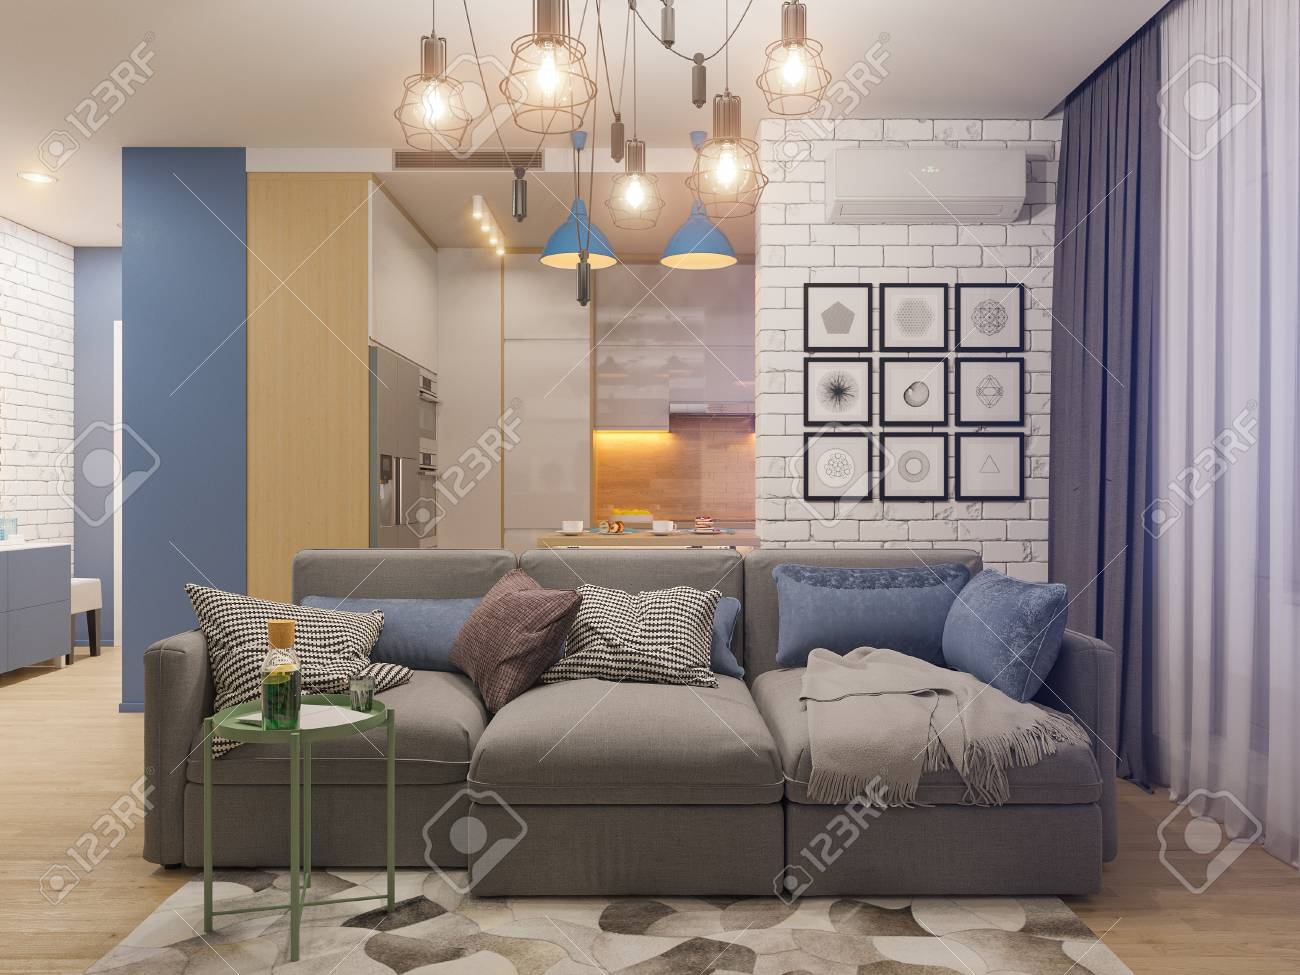 3D illustration salon et cuisine design d\'intérieur. Studio moderne dans le  style minimaliste scandinave